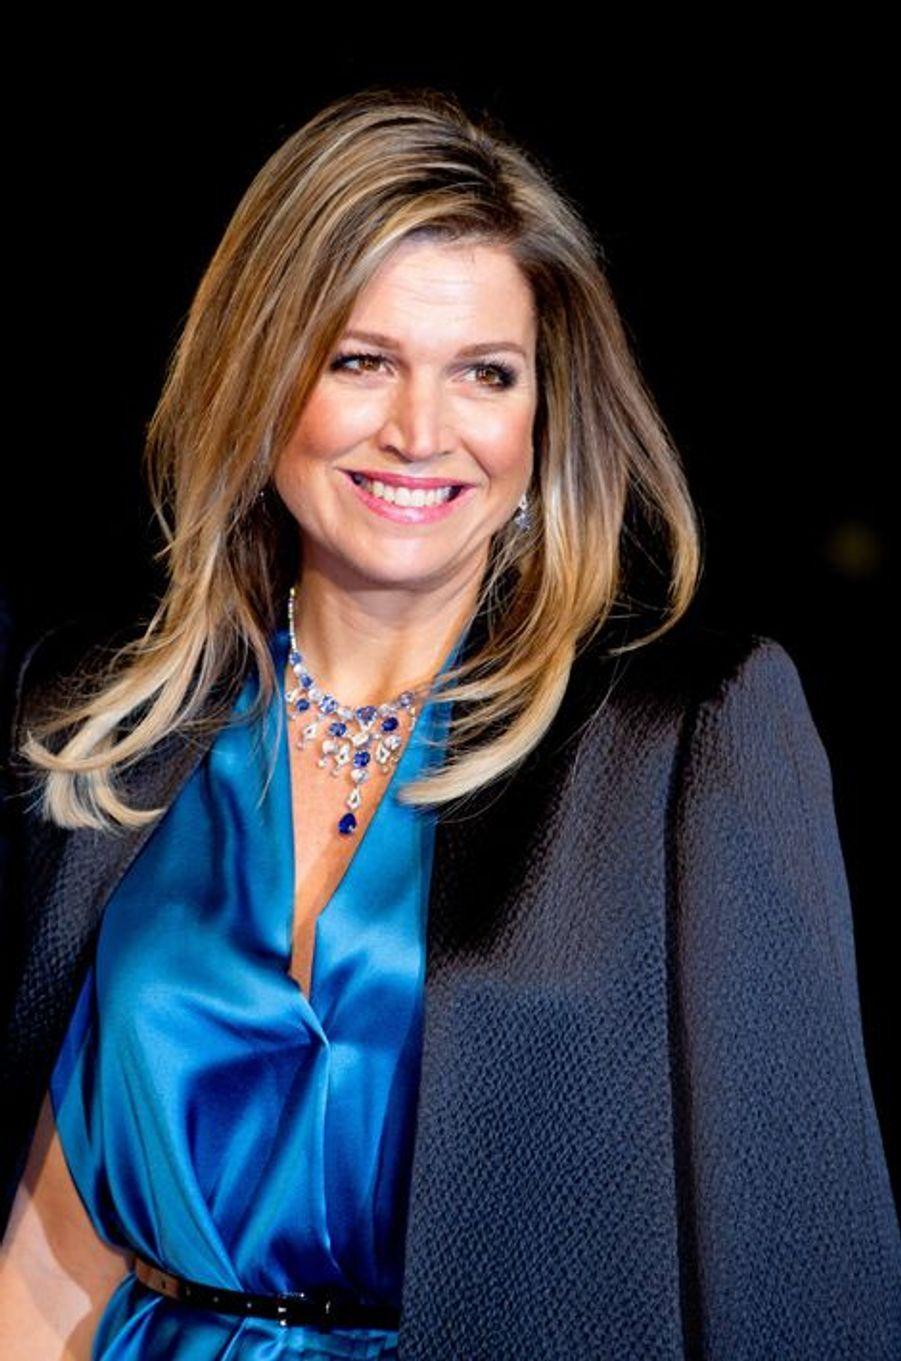 La reine Maxima des Pays-Bas au théâtre Beatrix d'Utrecht, le 8 décembre 2014